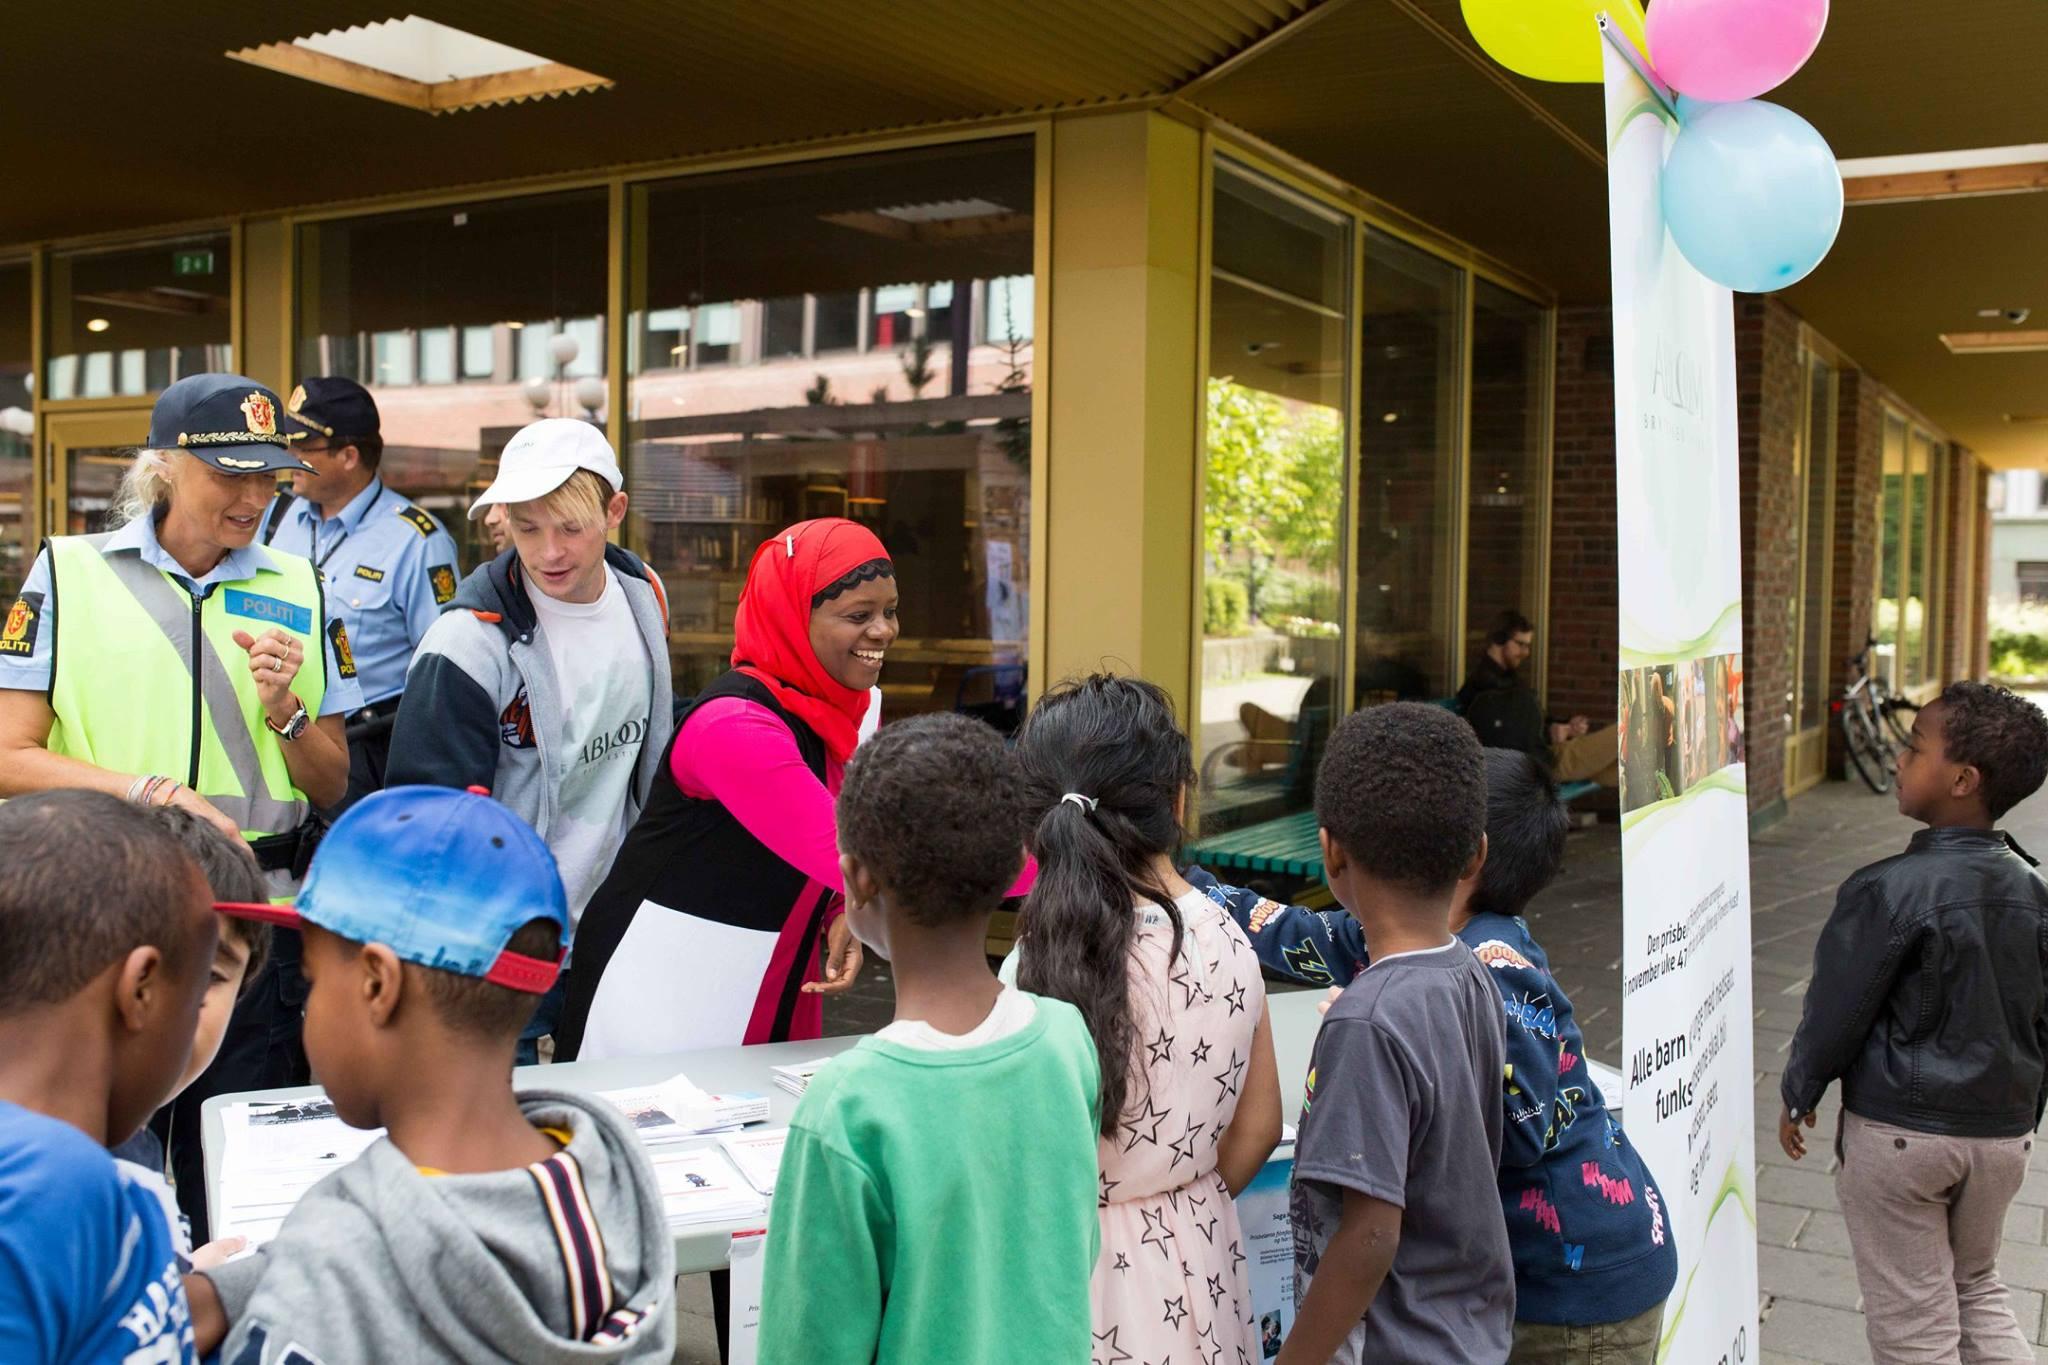 Faridah i aksjon på et av organisasjonens mange arrangementer. Foto: Abloom